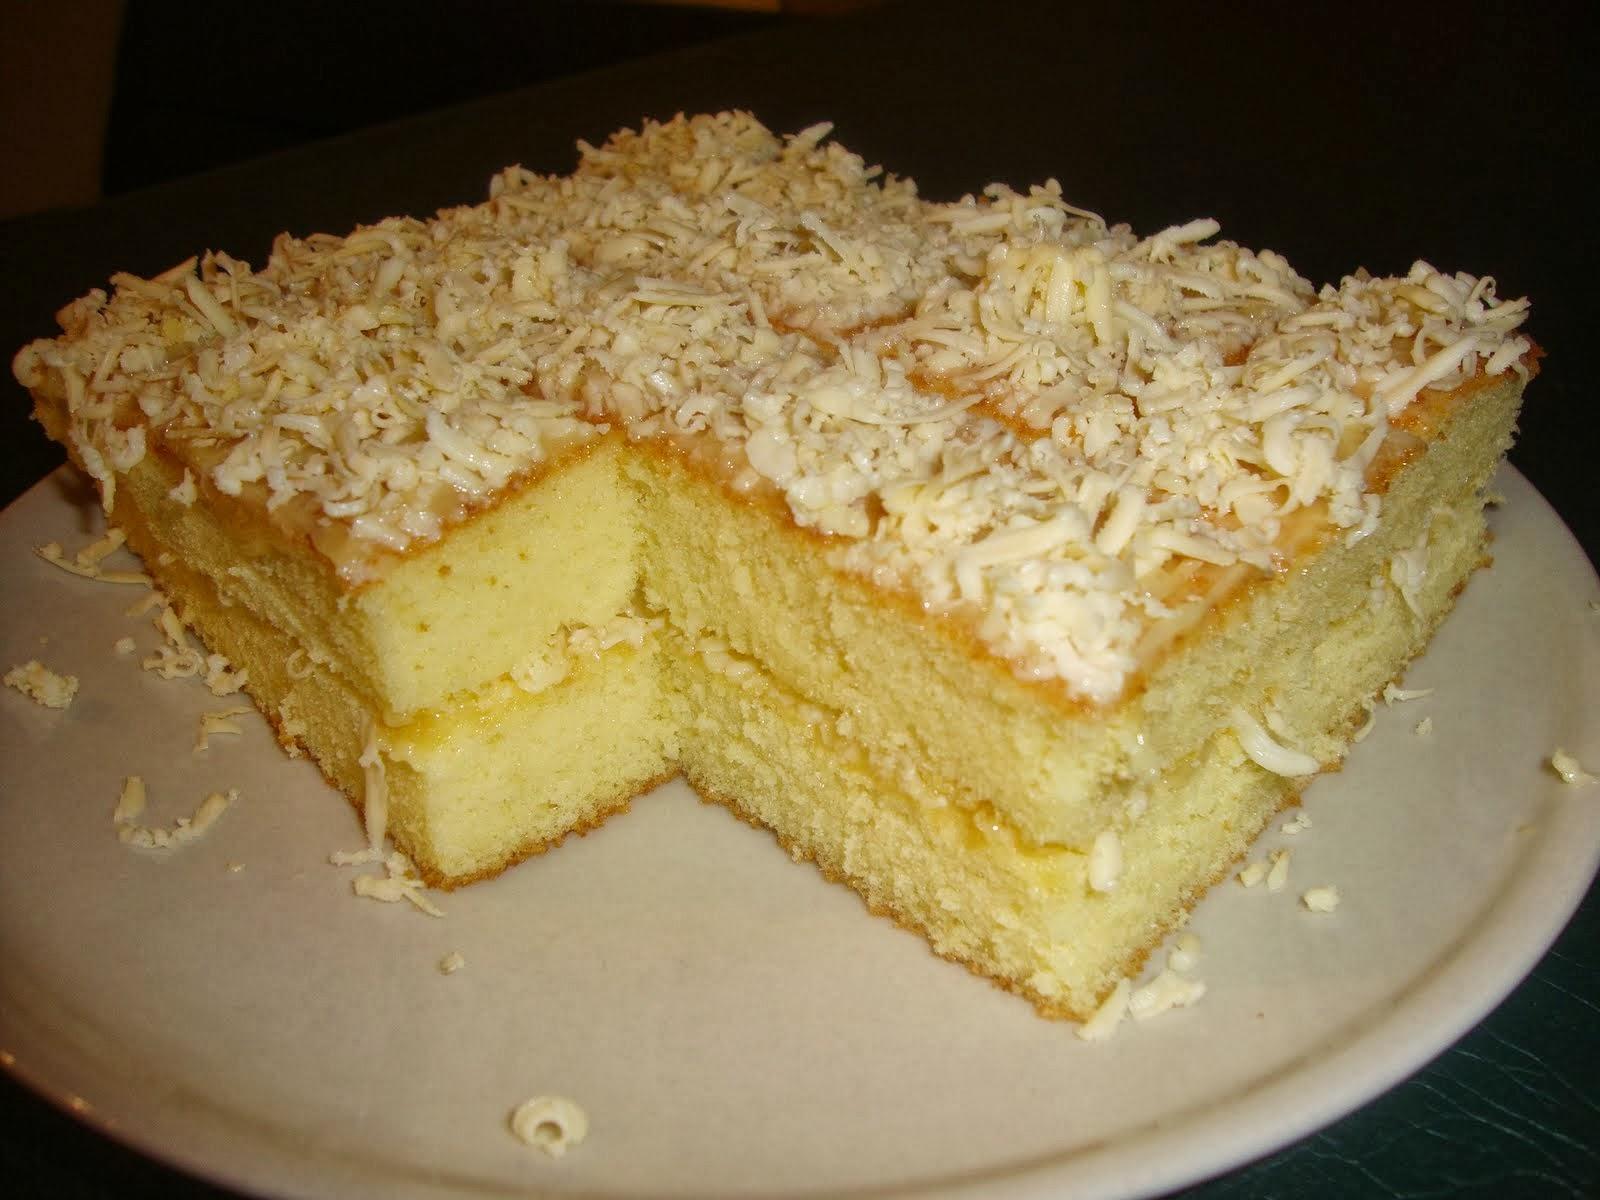 DAPUR PAK OBOG: RESEP MEMBUAT CAKE KEJU